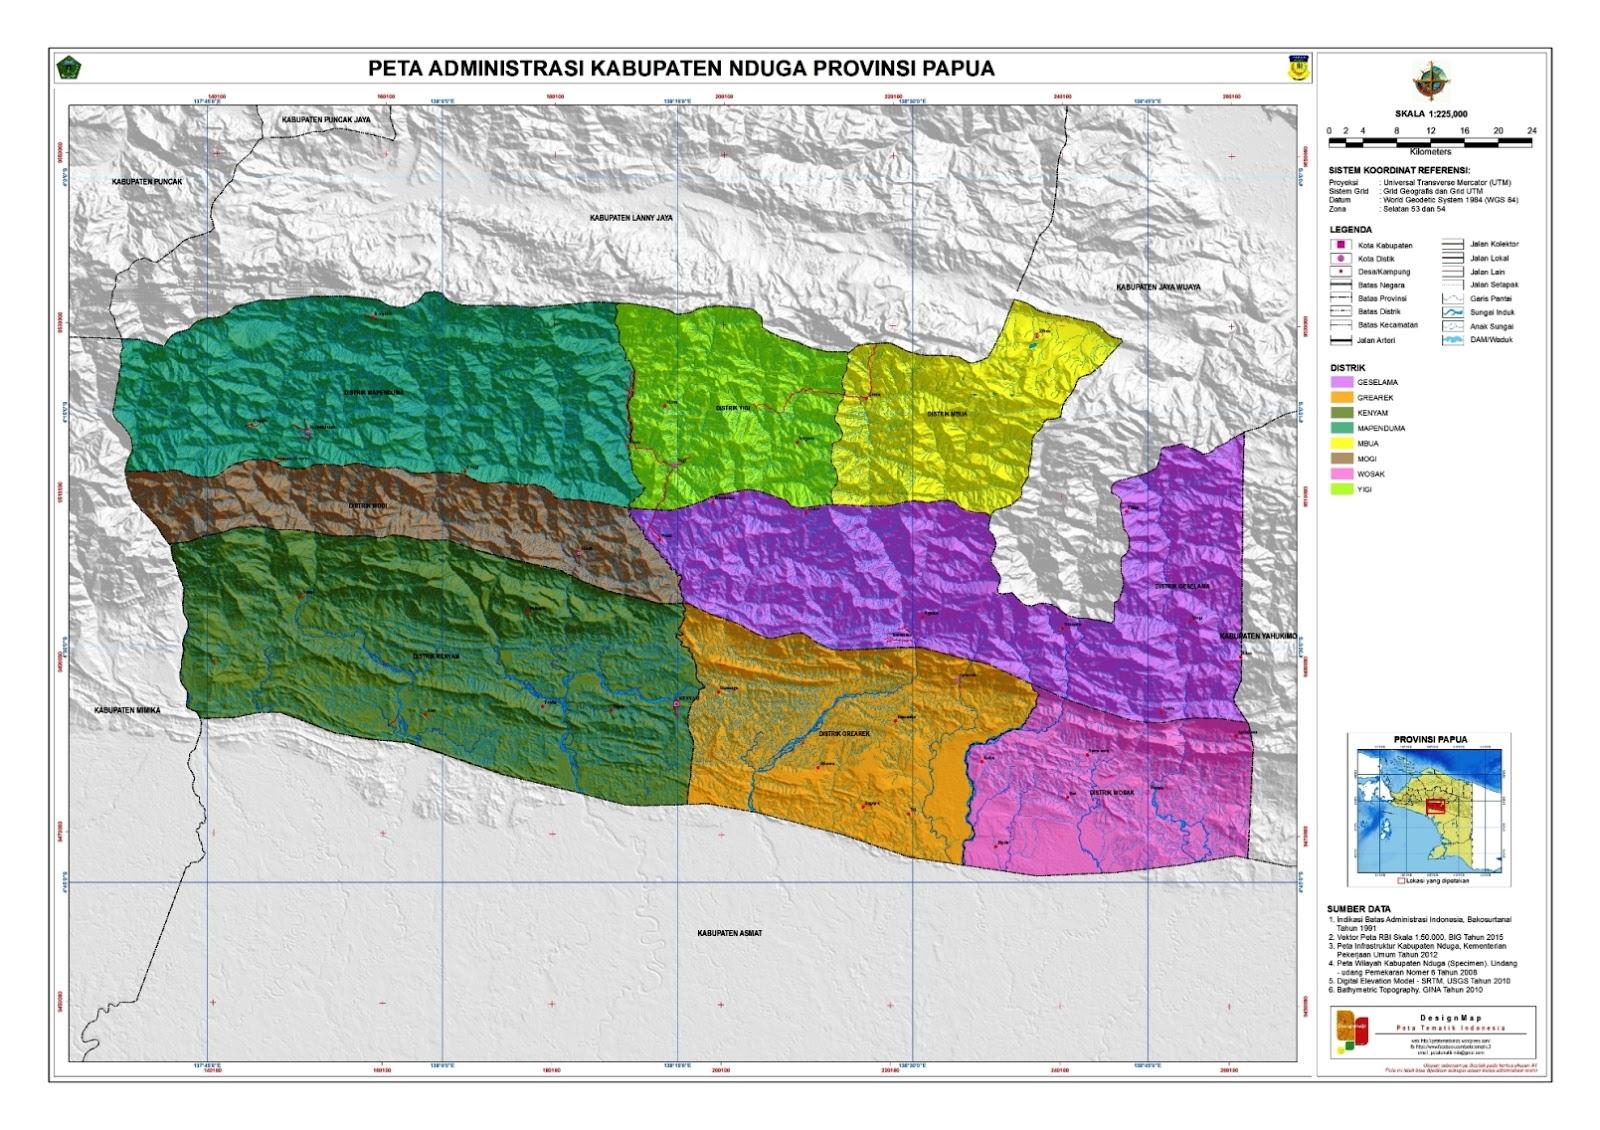 Peta Kota: Peta Kabupaten Nduga